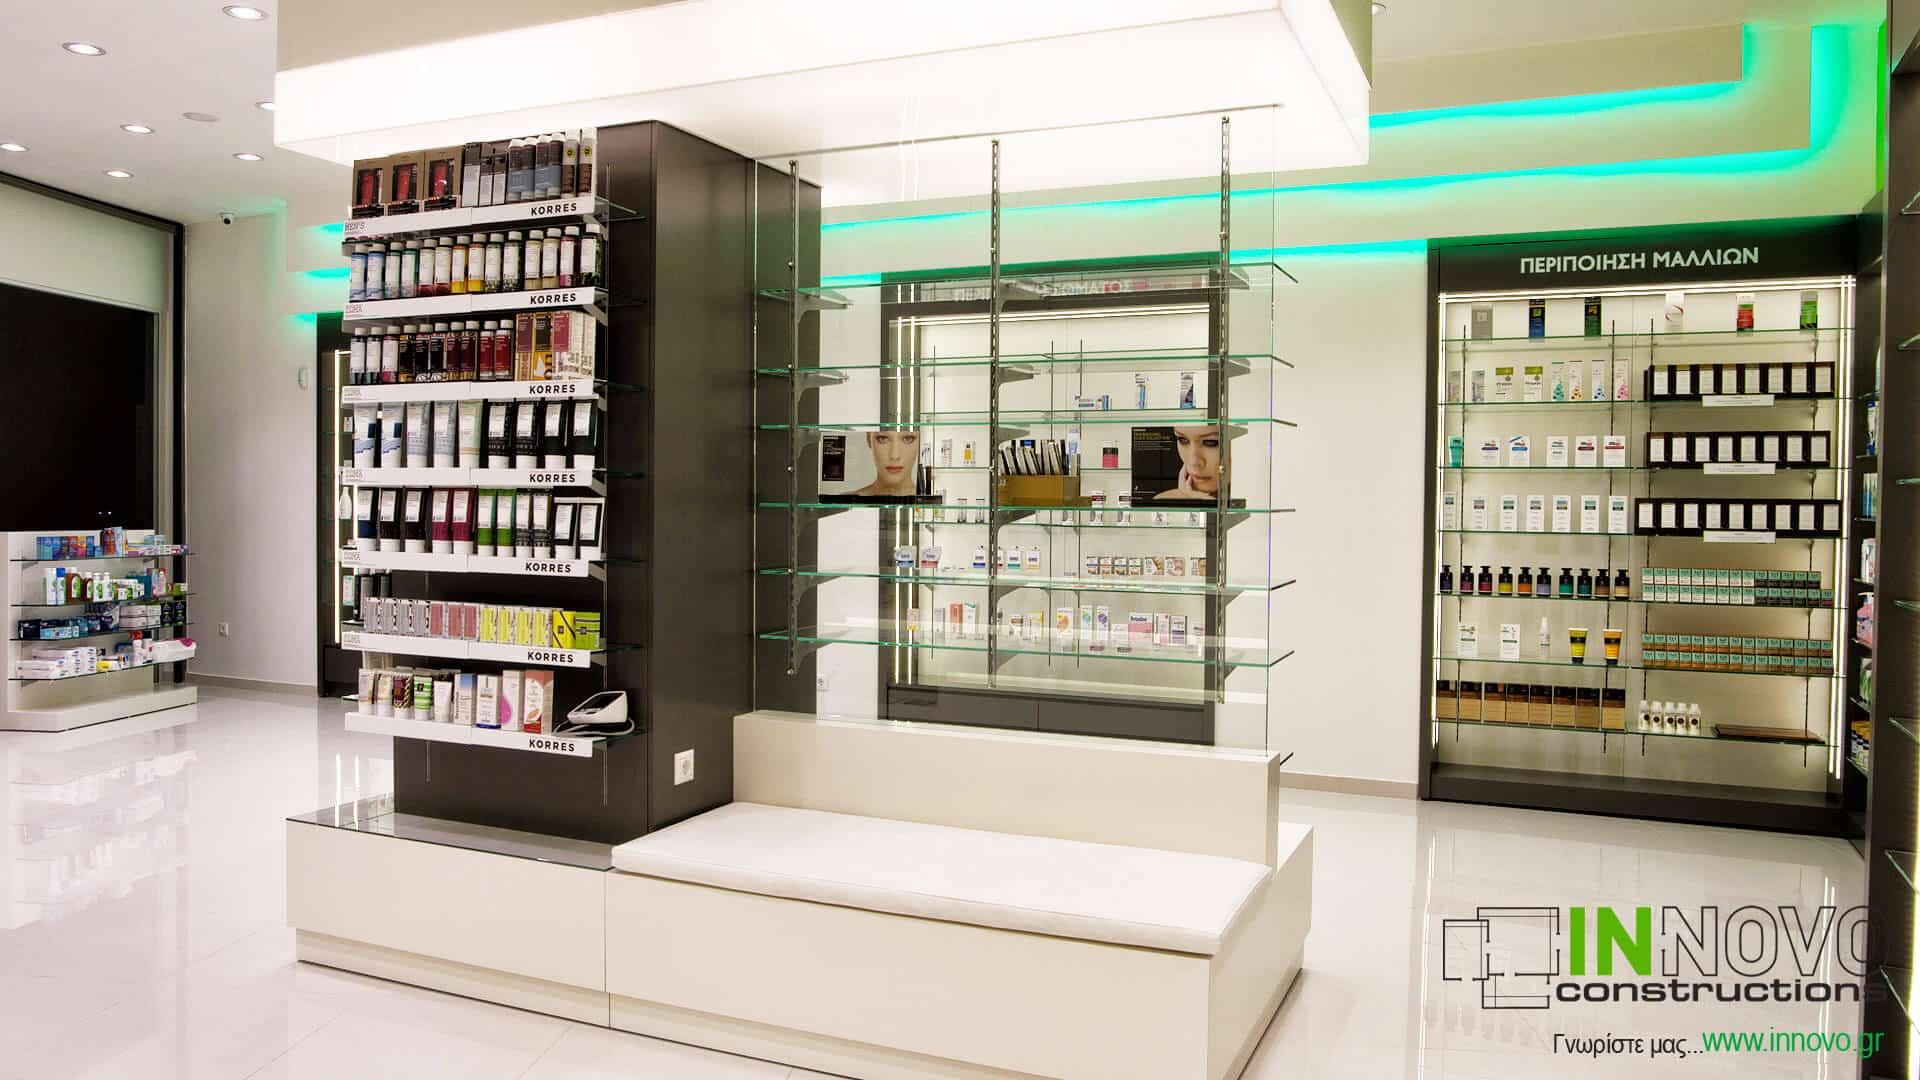 Αγ. Δημήτριο κατασκευές ανακαινίσεις φαρμακείου